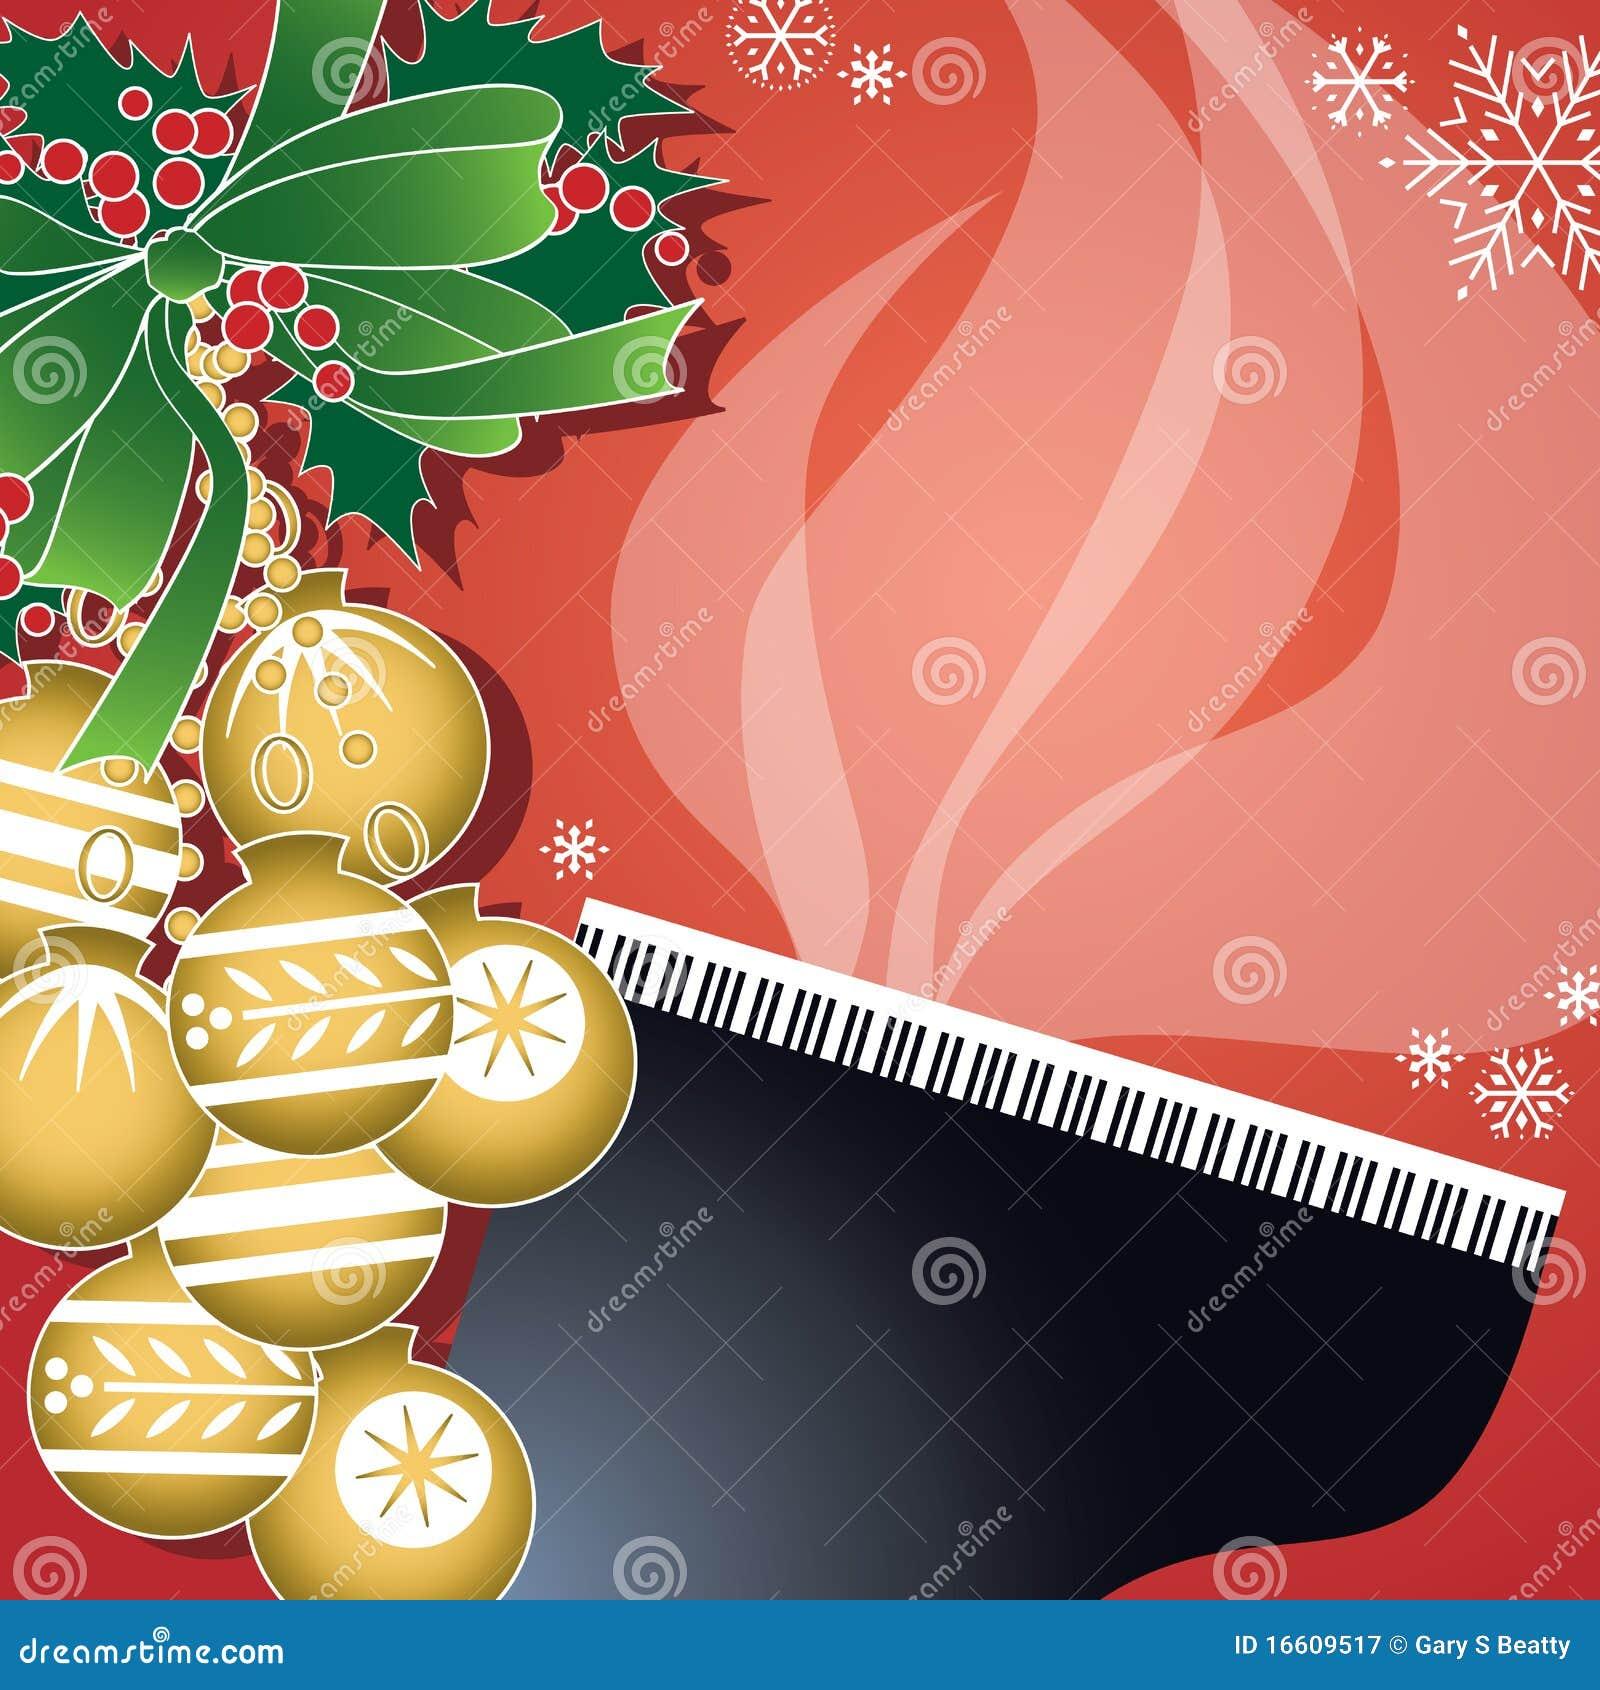 christmas jazz piano pdf free